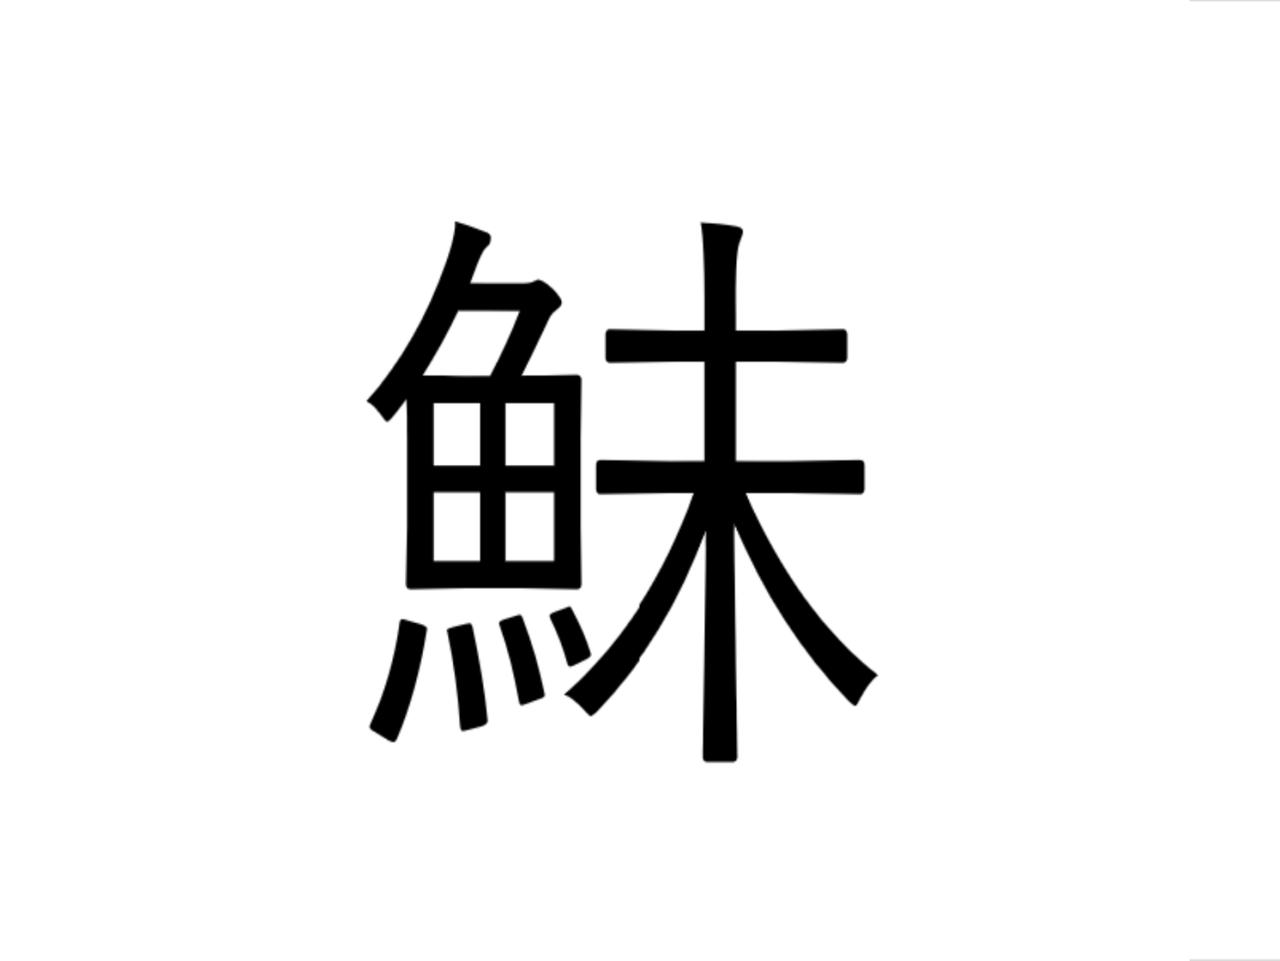 「鮇」なんて読む?宮城県の特産品にも。